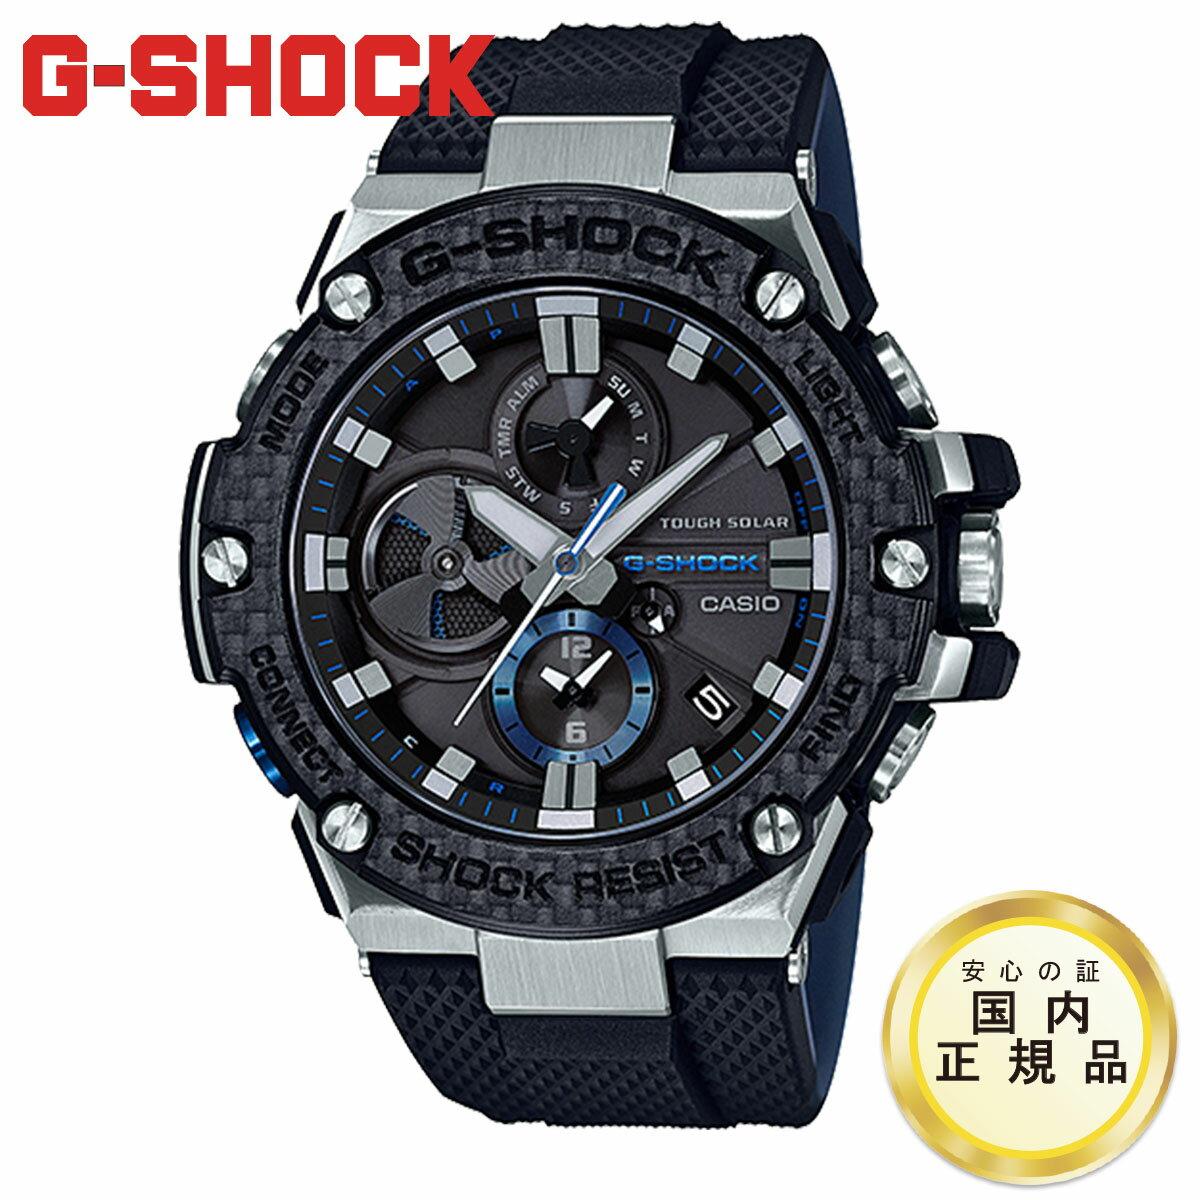 カシオ Gショック GST-B100XA-1AJF CASIO G-SHOCK G-STEEL Bluetooth GPSハイブリッド 電波ソーラー 電波 ソーラー タフソーラー アナログ 電波時計 腕時計